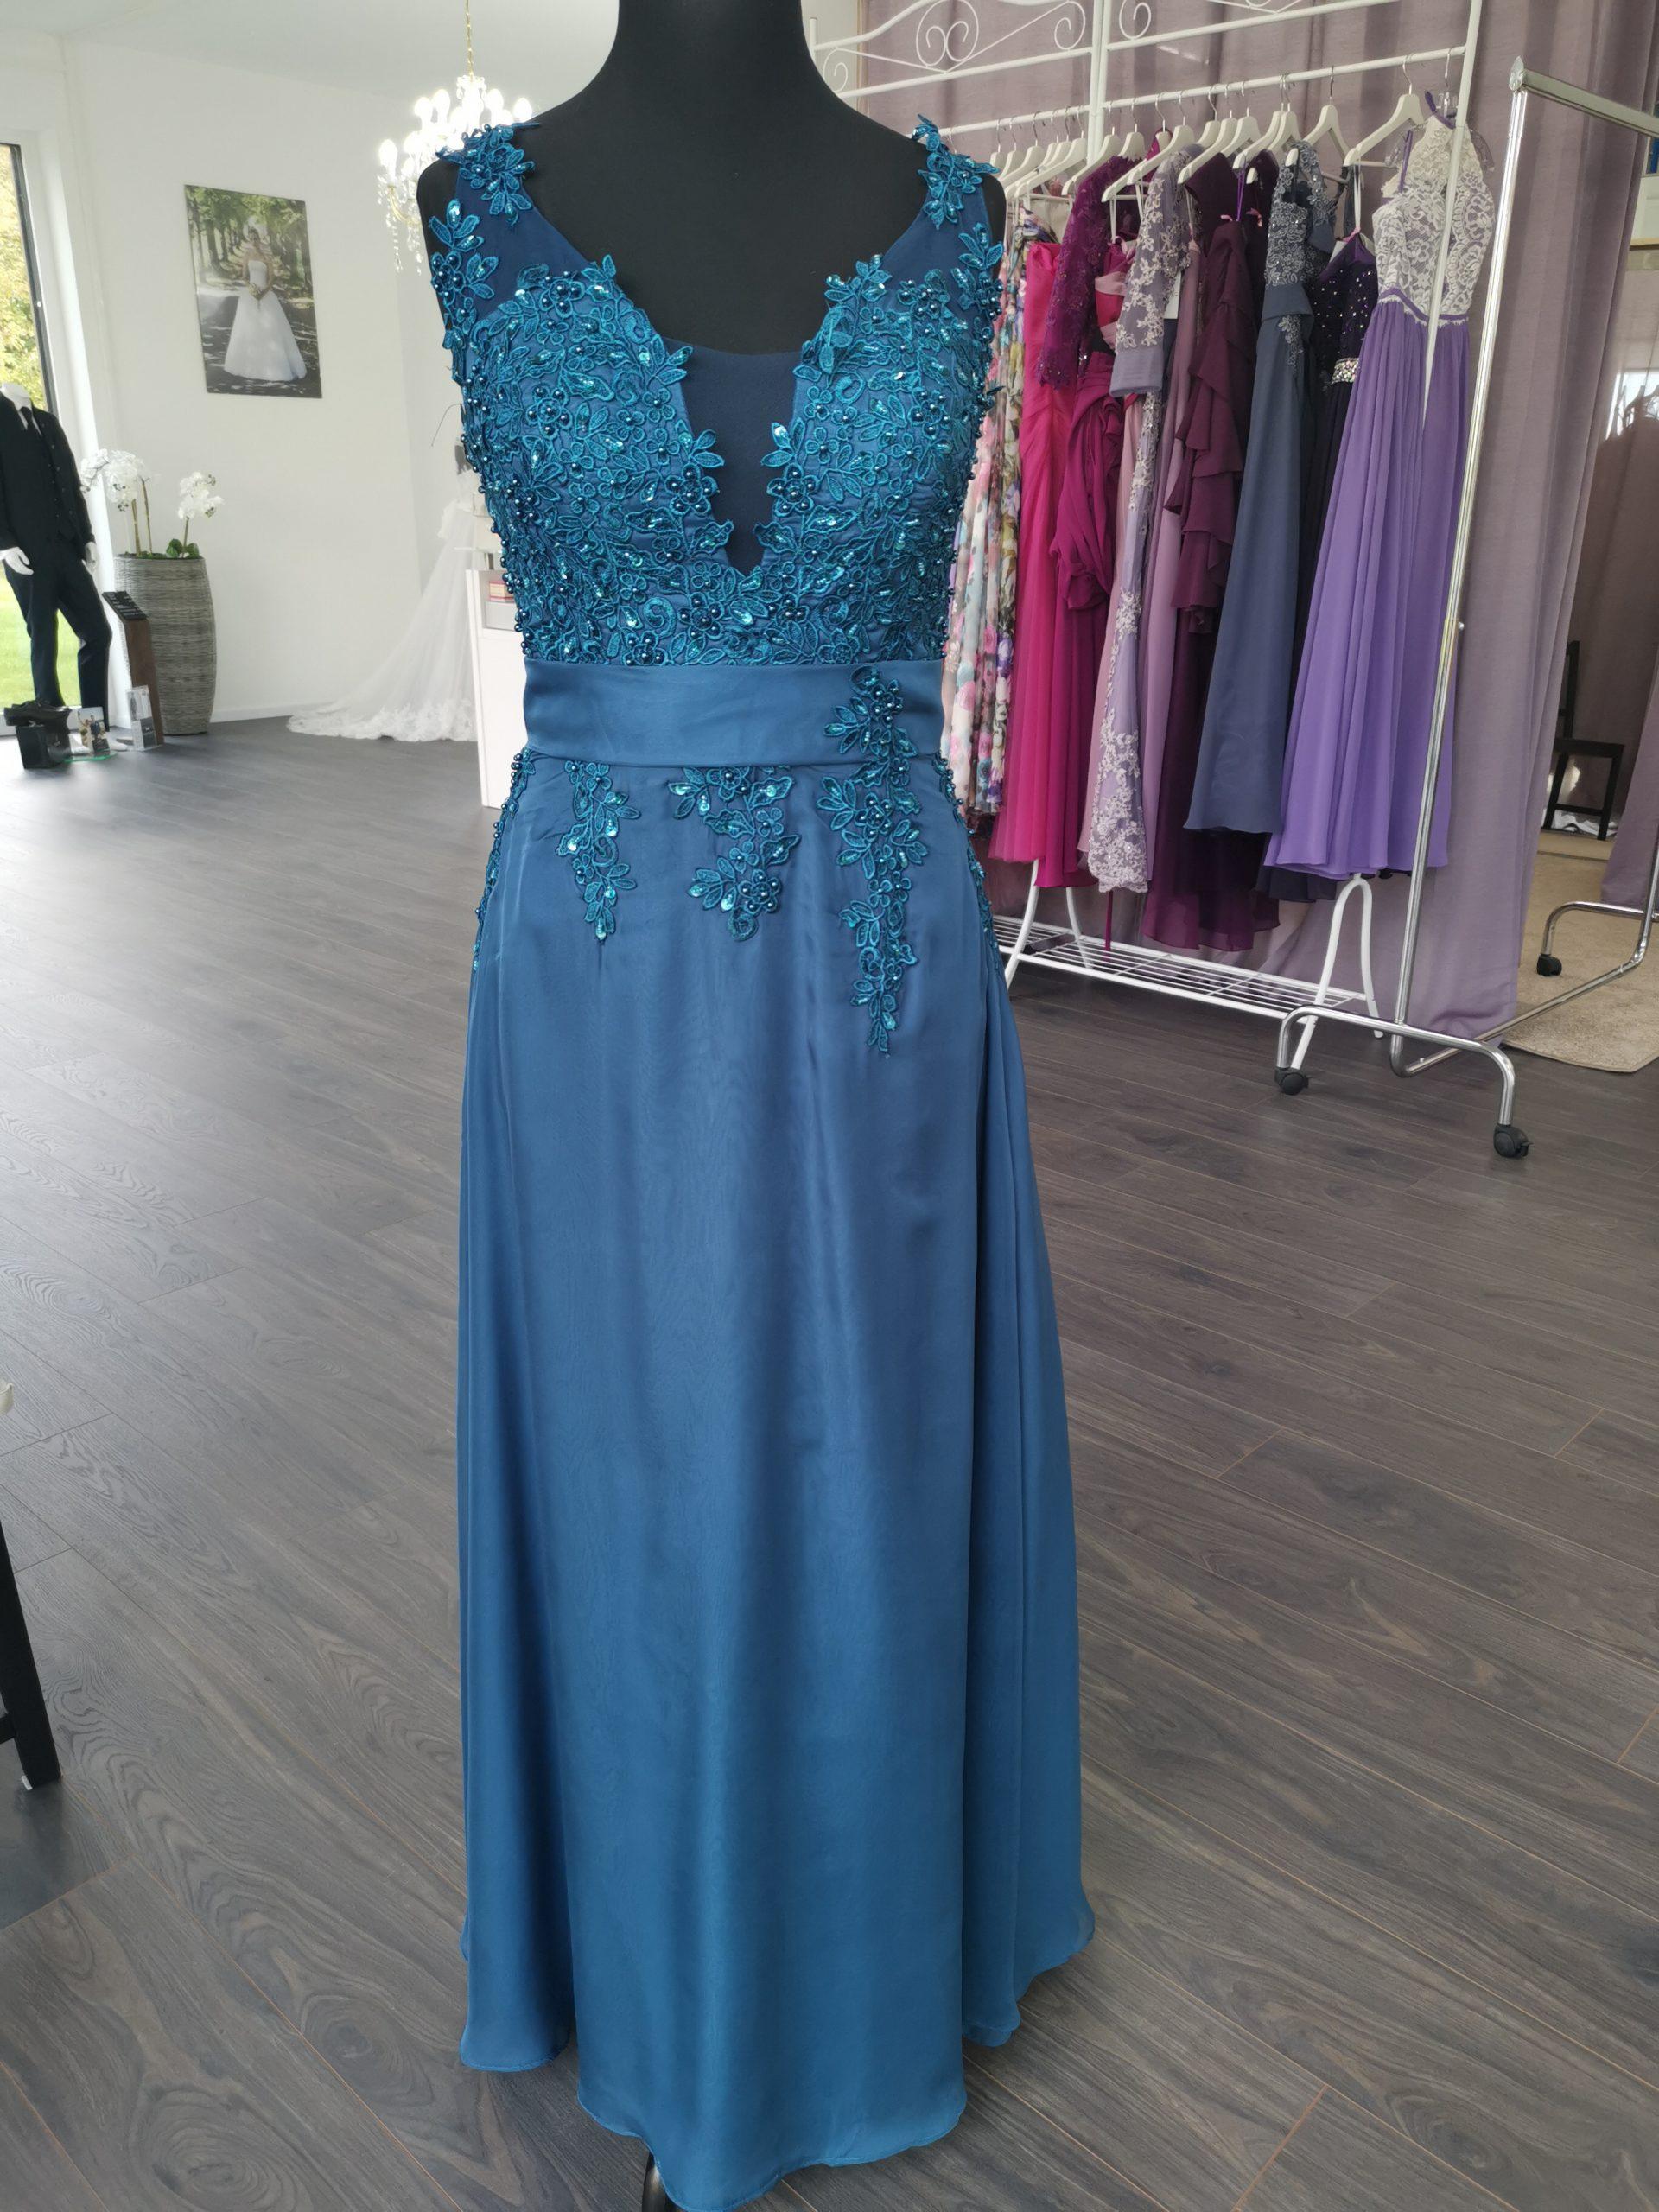 Perfekt Abendkleid Xara Stylish17 Schön Abendkleid Xara Boutique